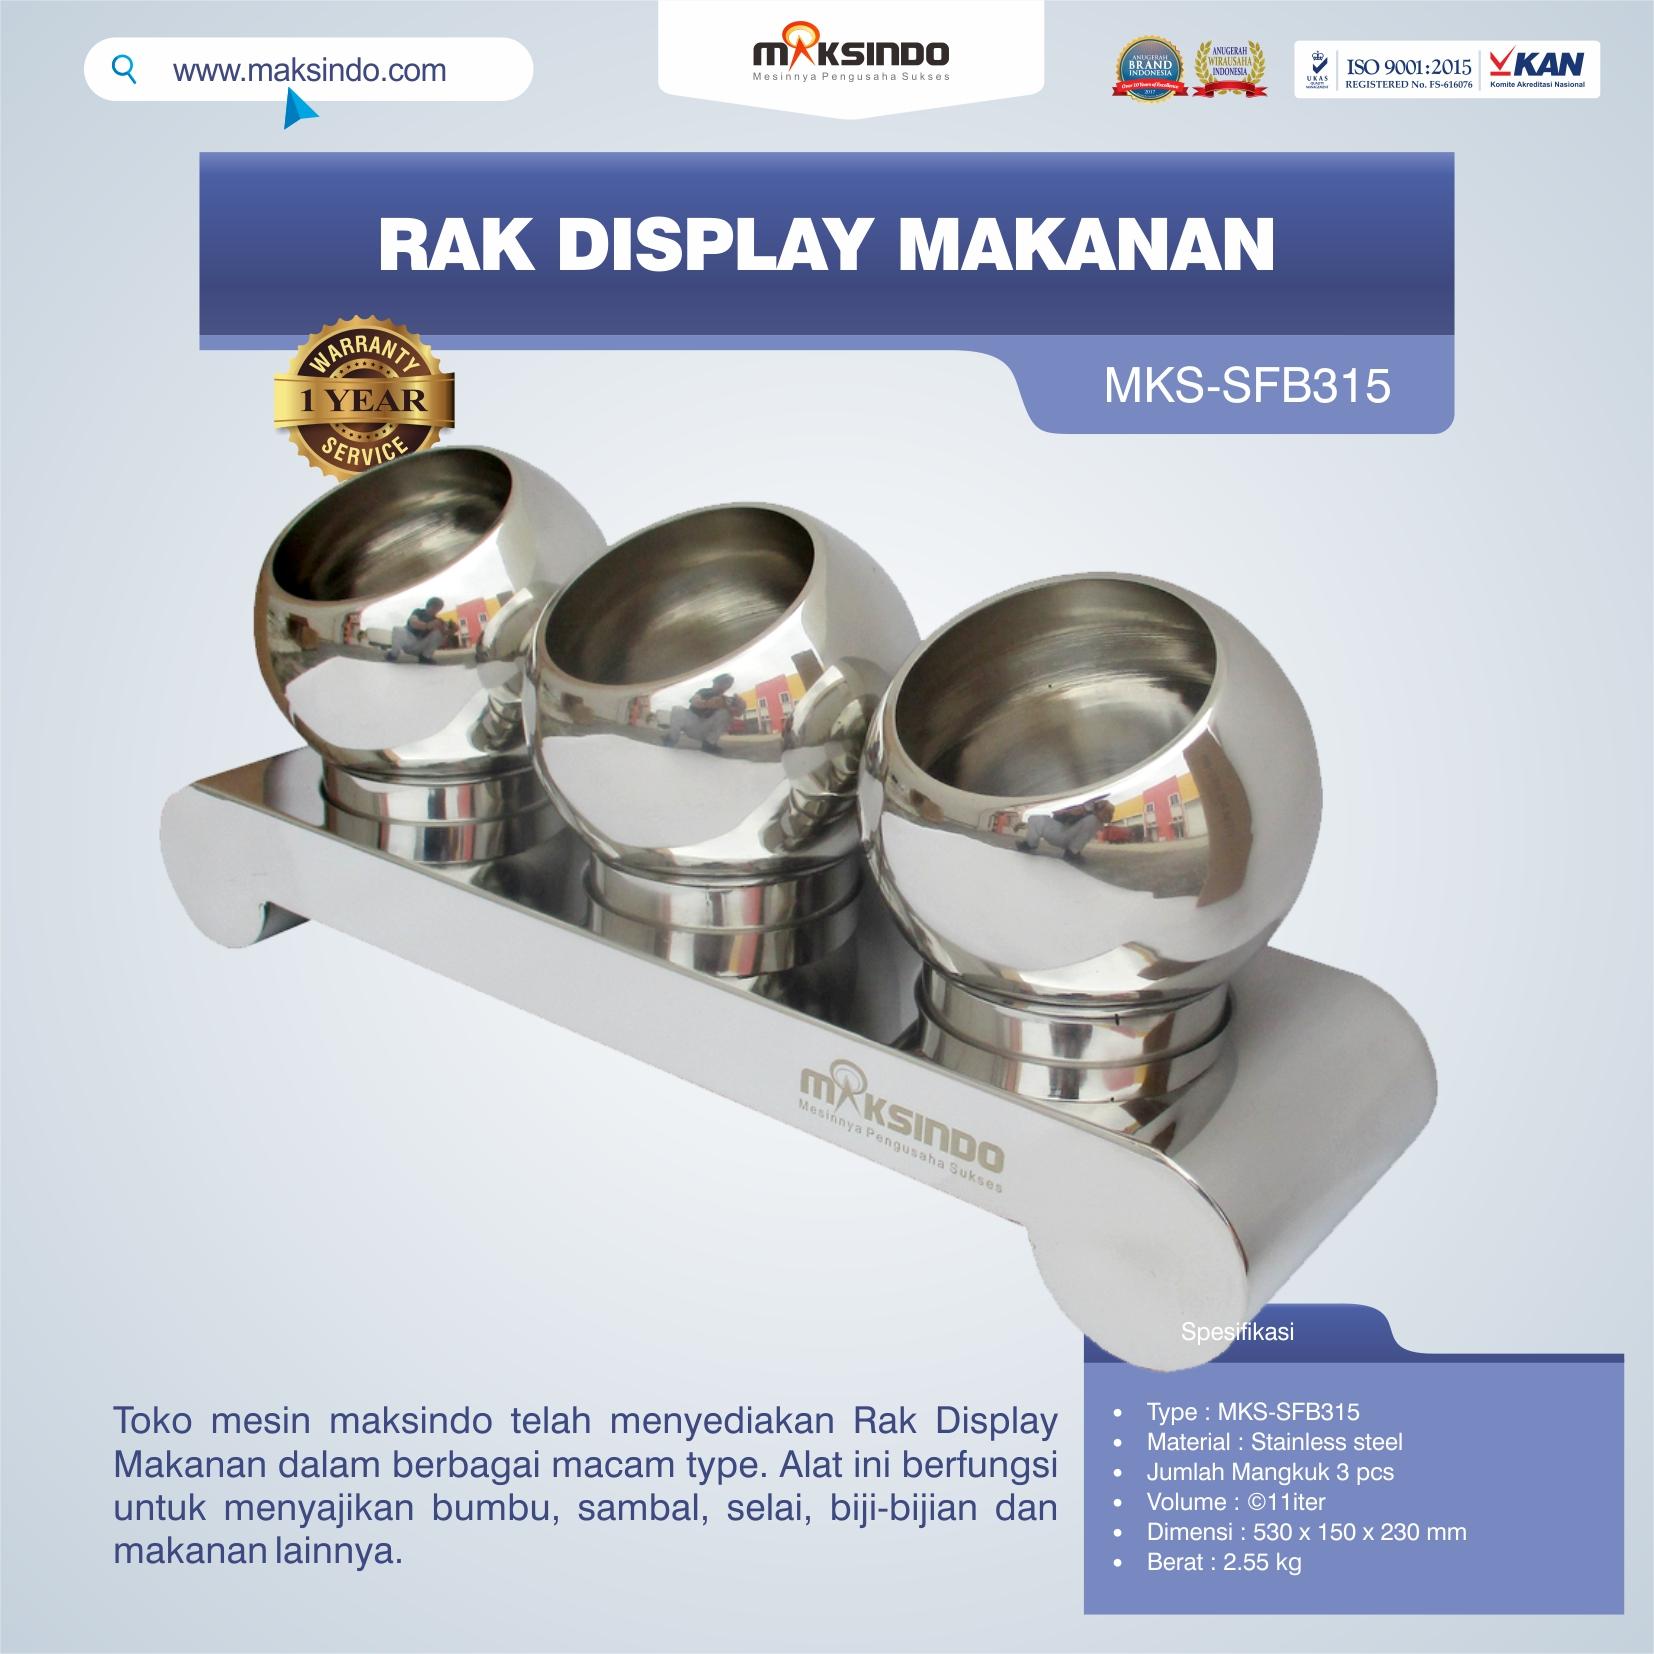 Jual Rak Display Makanan MKS-SFB315 di Blitar